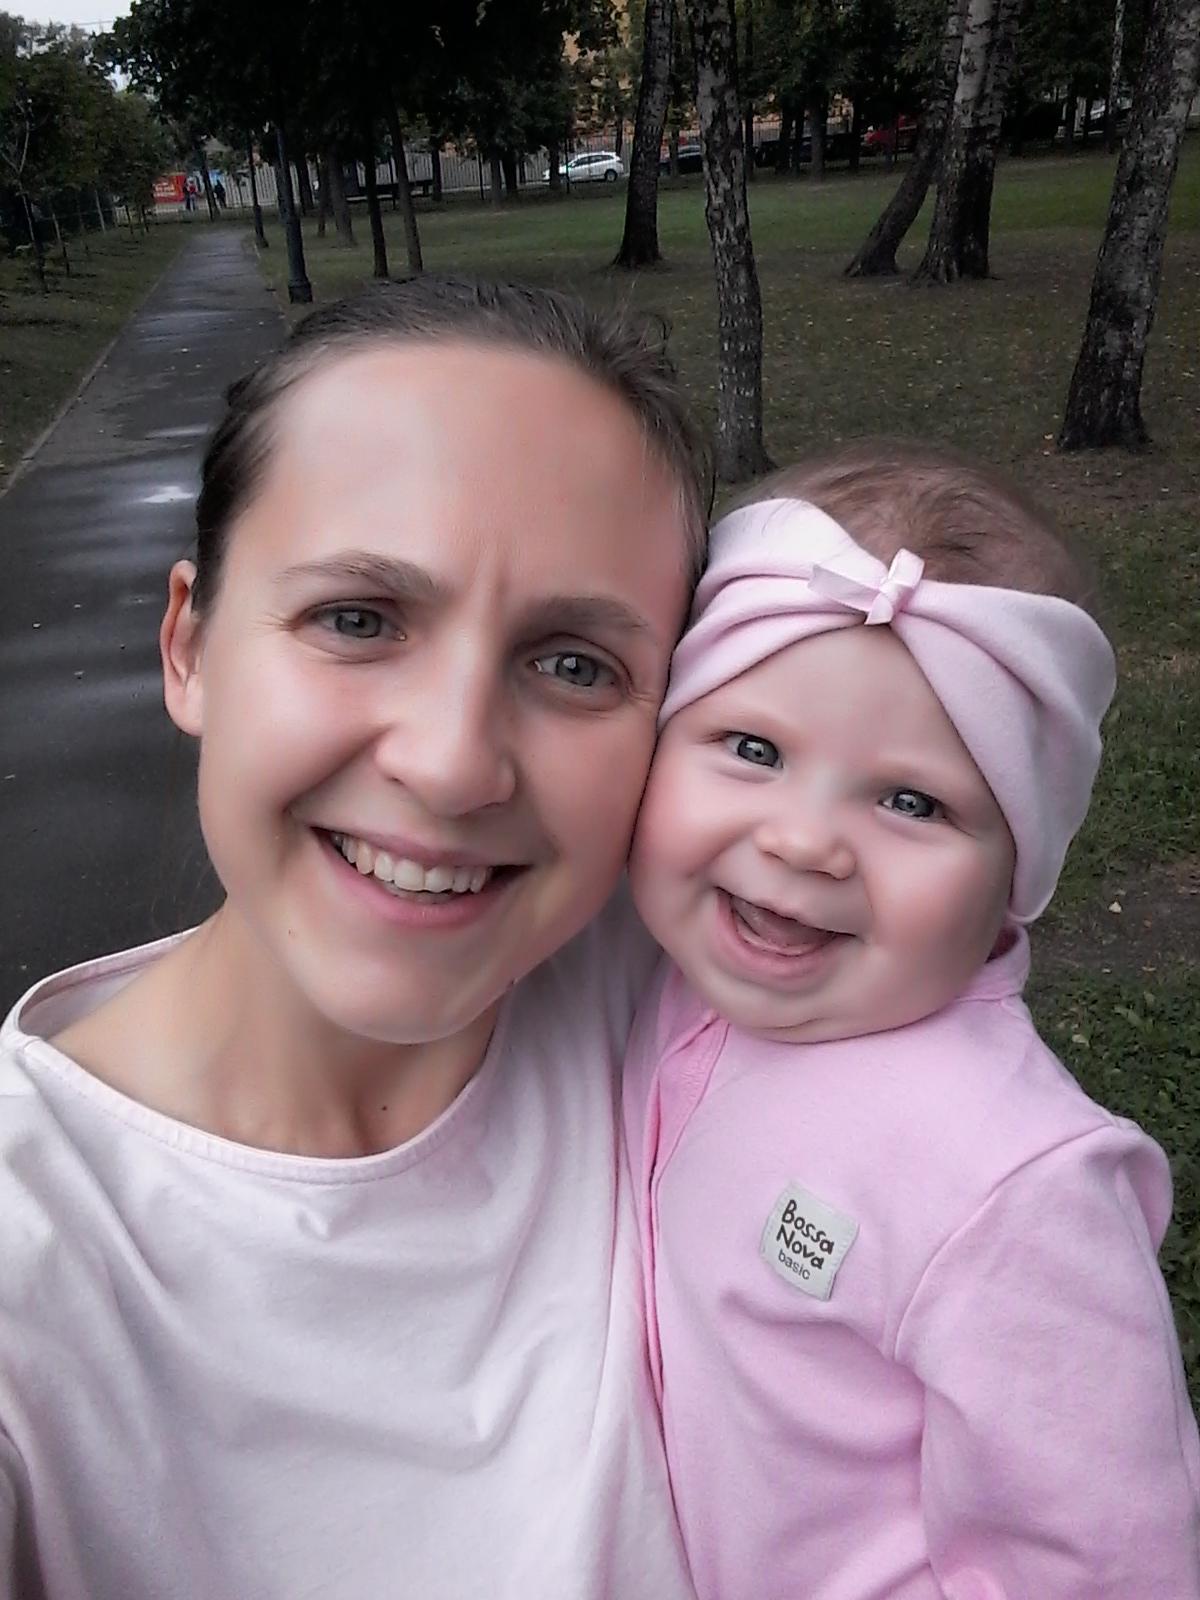 С мамой всегда весело))). Улыбка для мамы